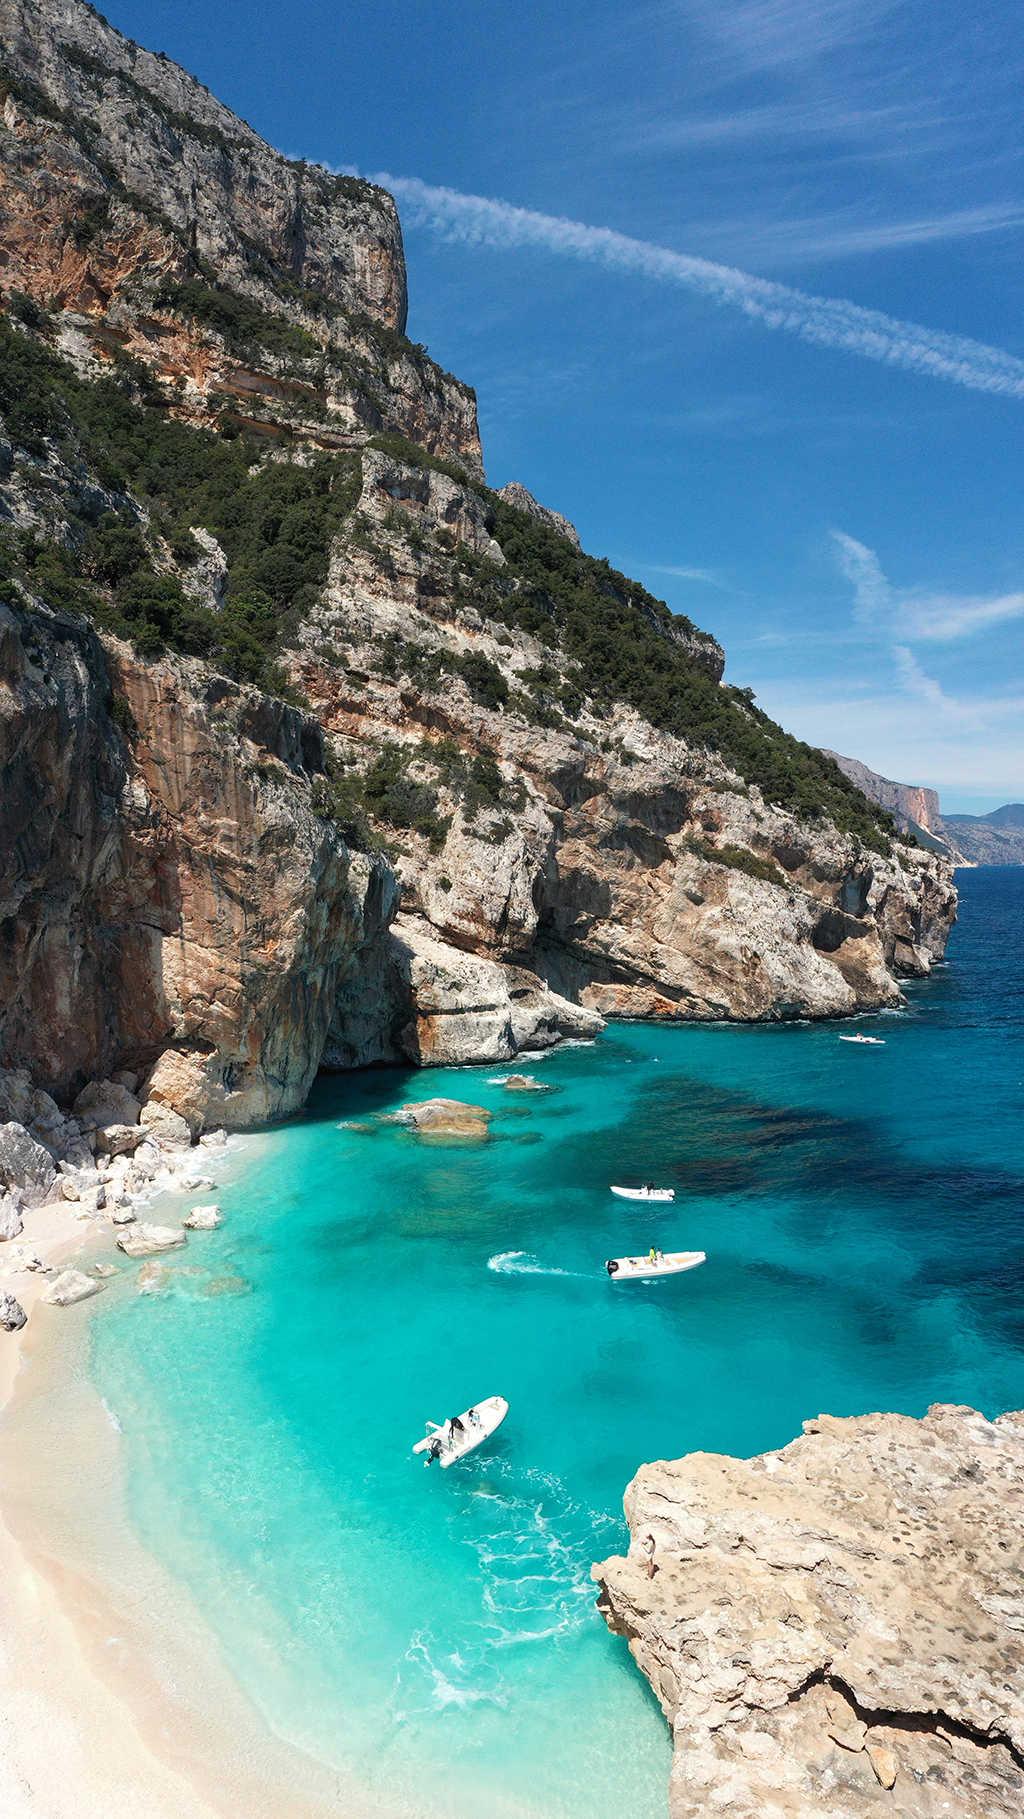 Фото и отзывы туристов о Сардинии